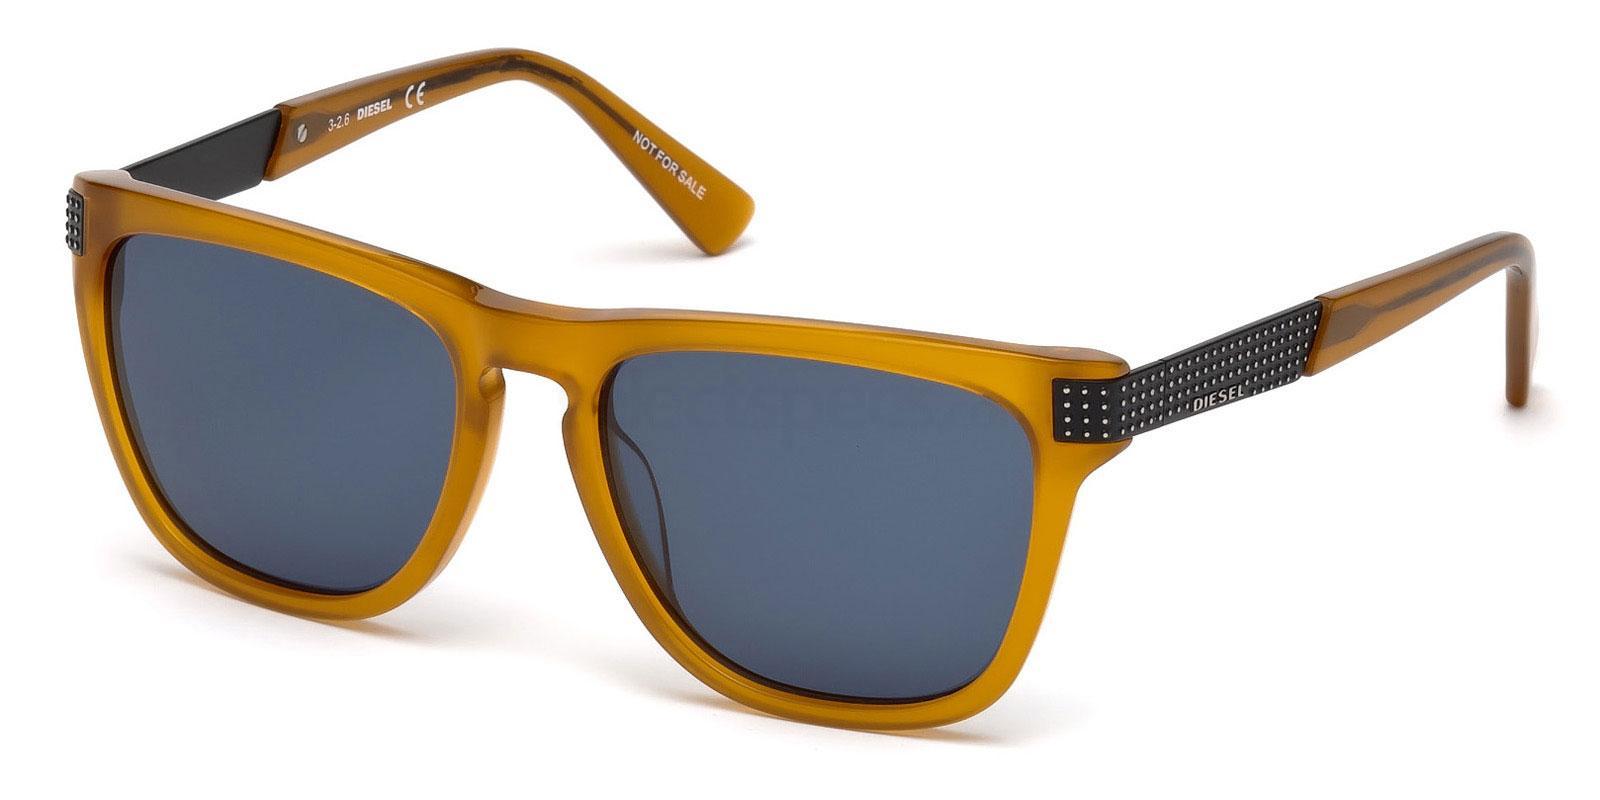 41V DL0236 Sunglasses, Diesel